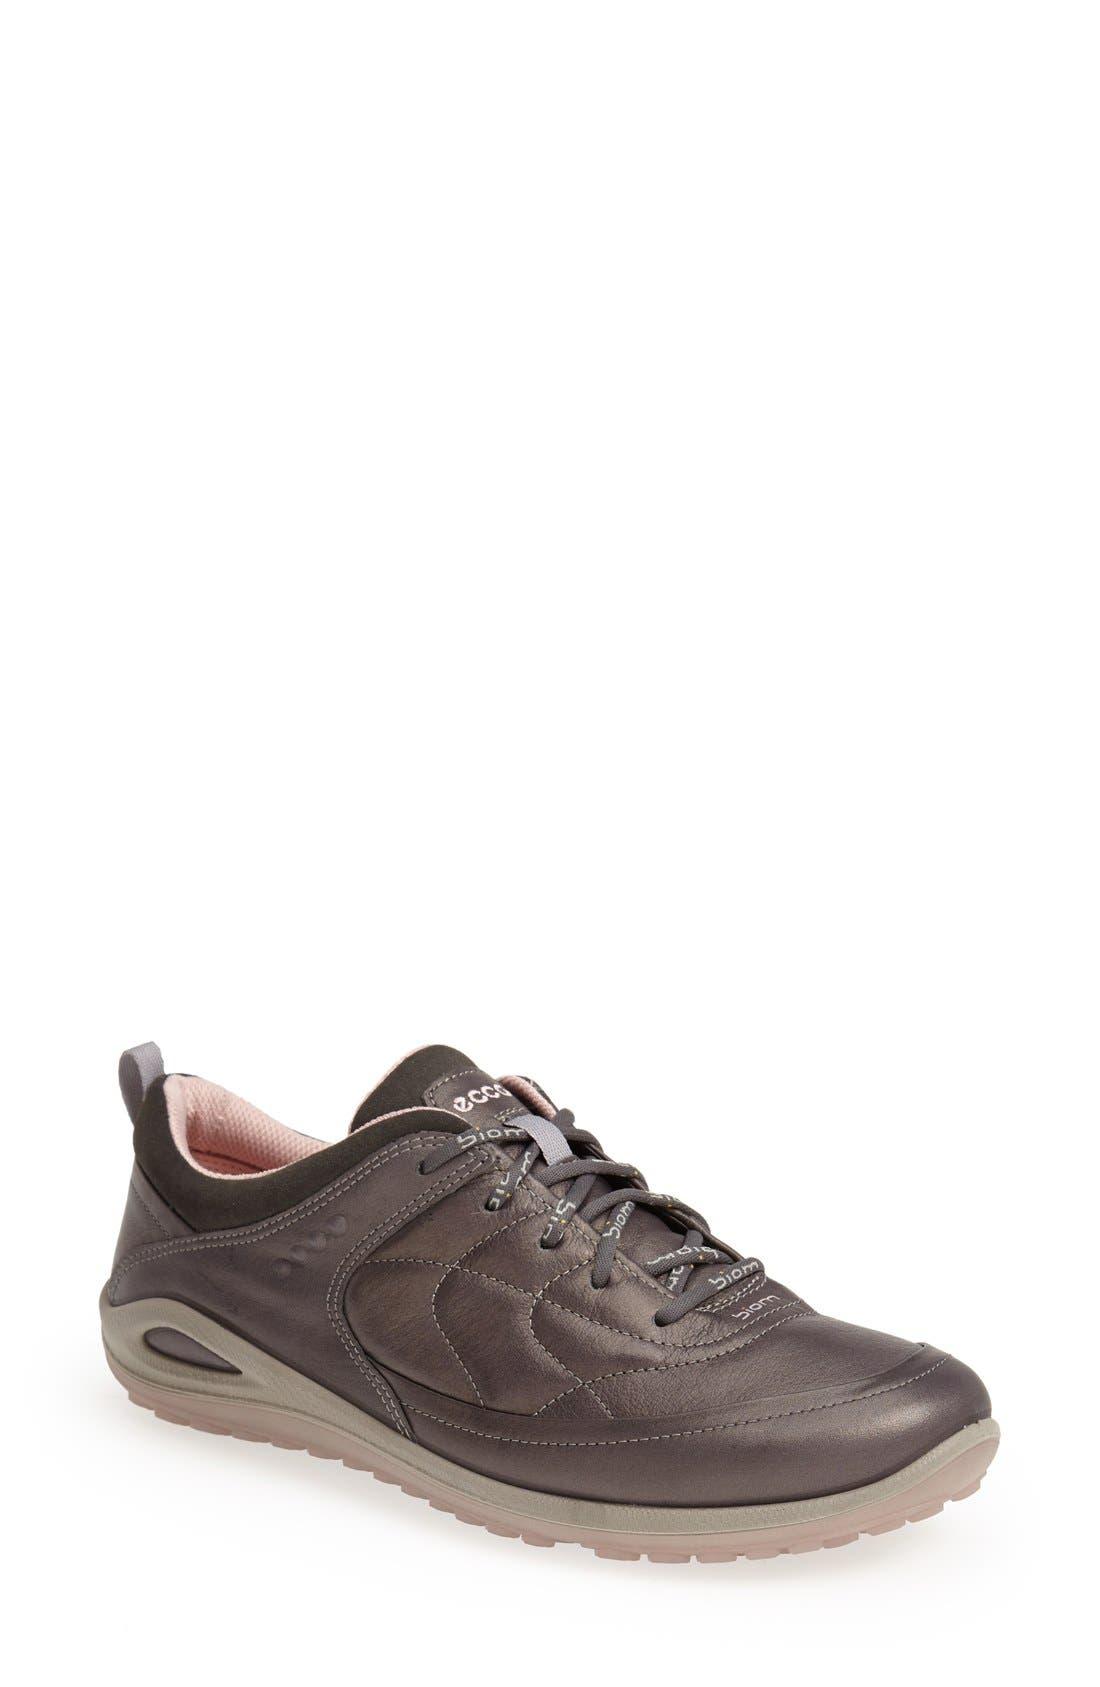 'Biom Grip Lite' Sneaker,                             Main thumbnail 1, color,                             023